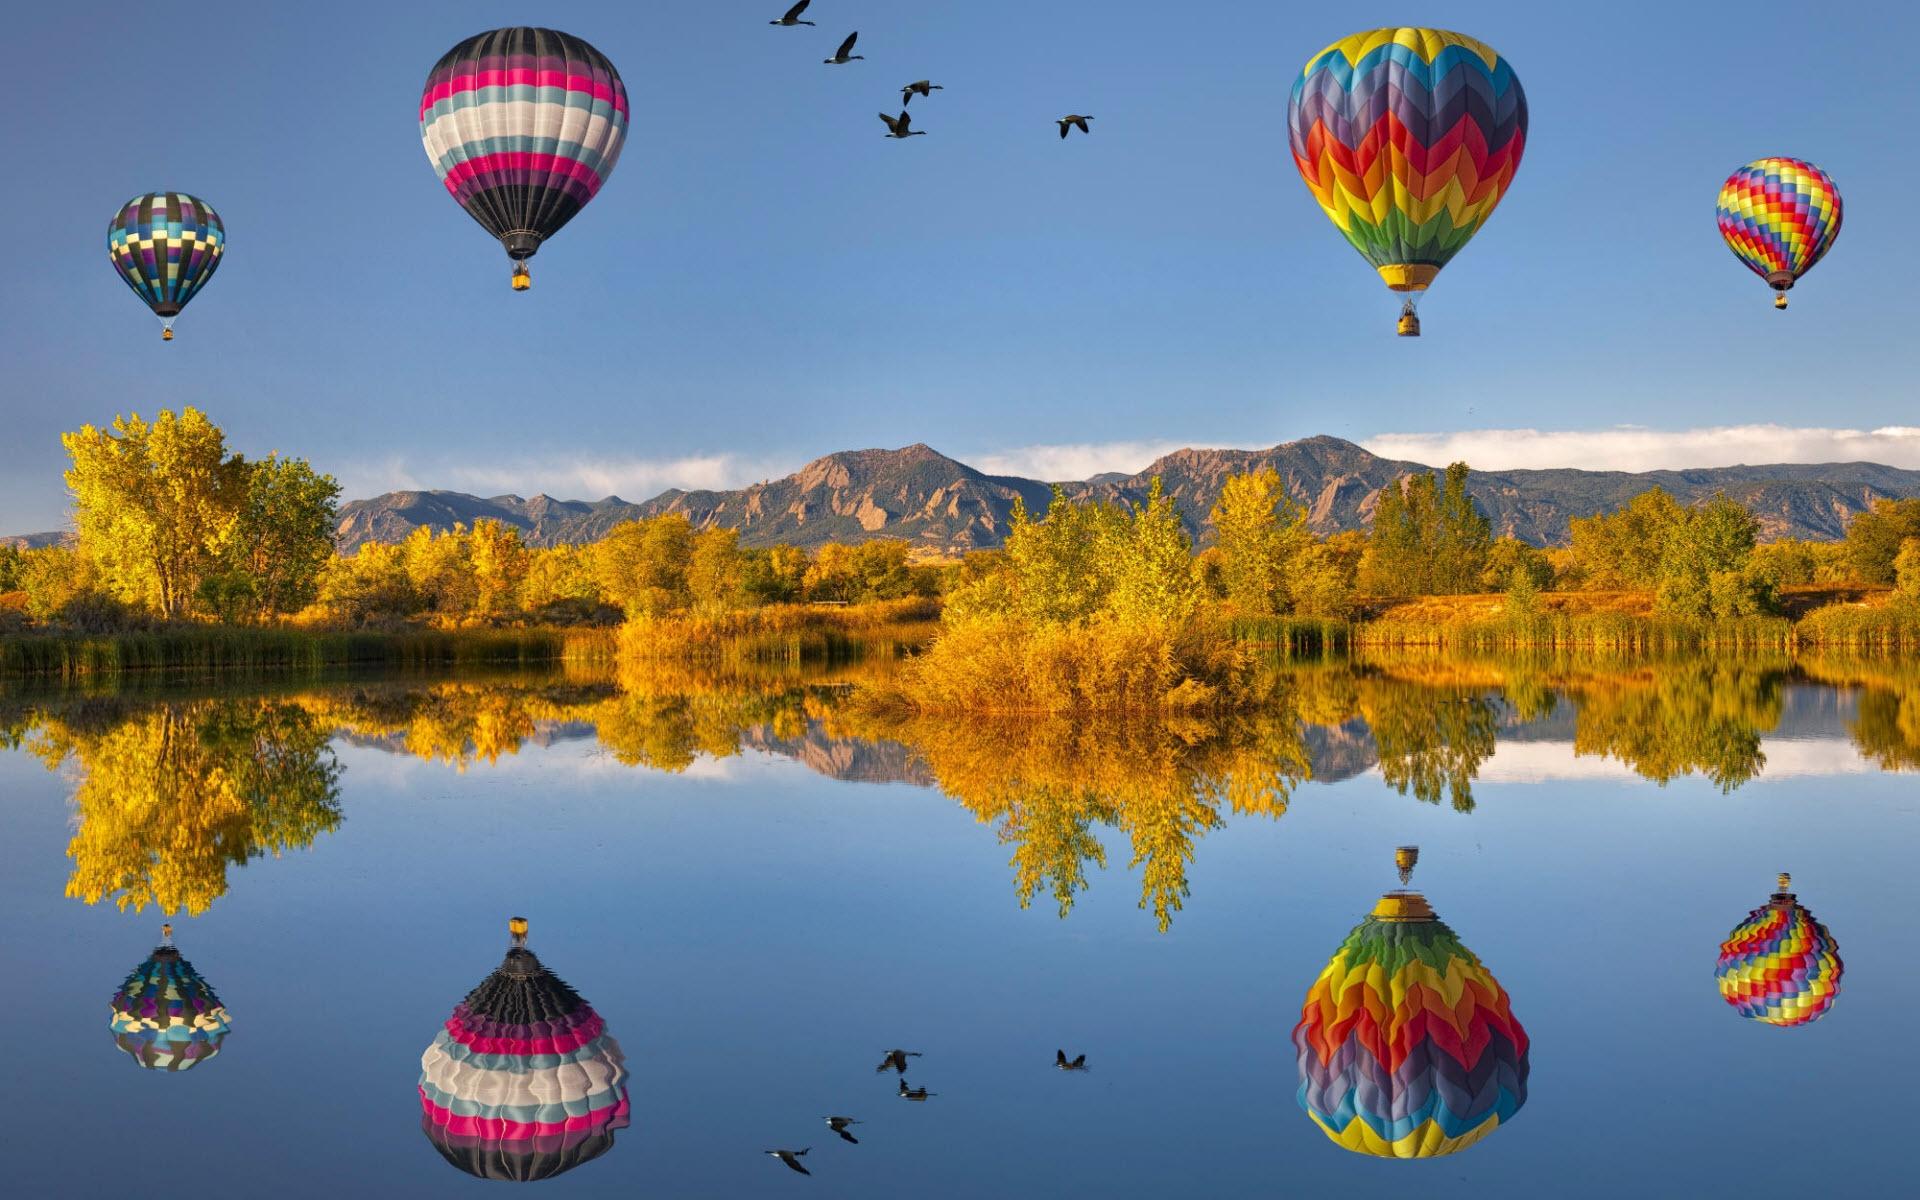 Обои воздушные шары для рабочего стола